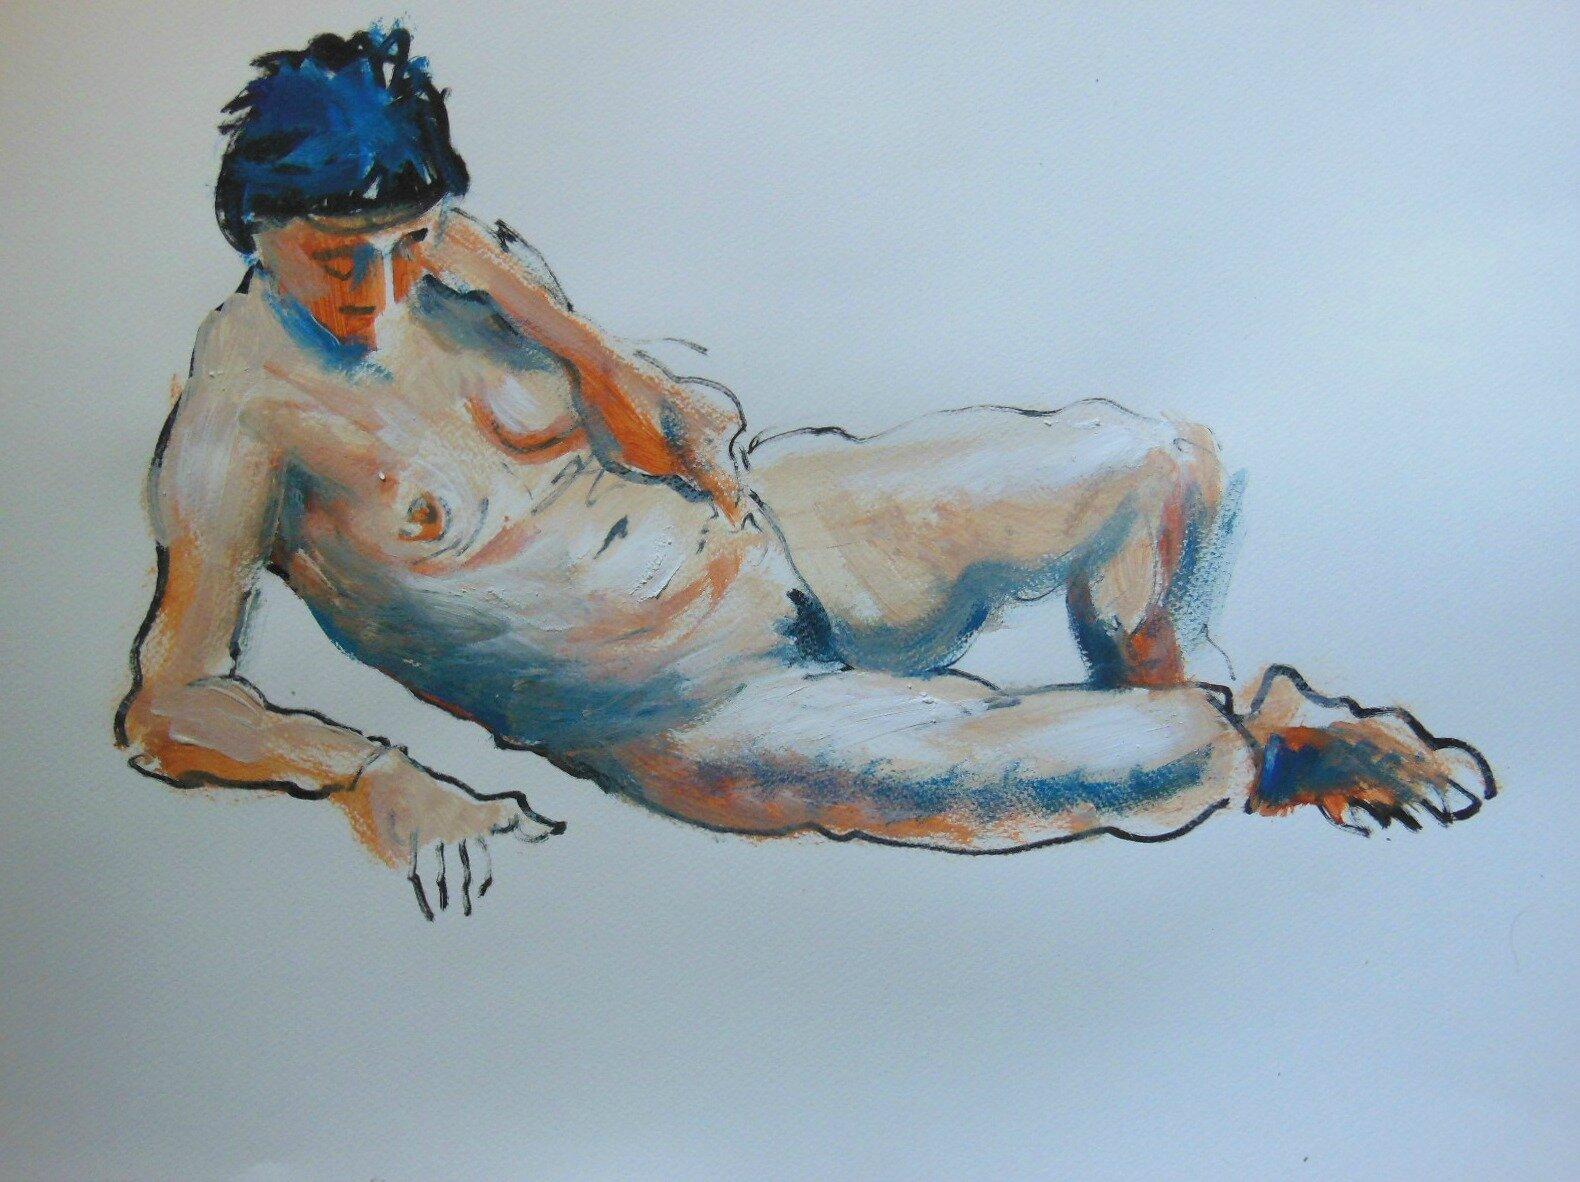 dessin peinture tableaux de nus contemporain (3)